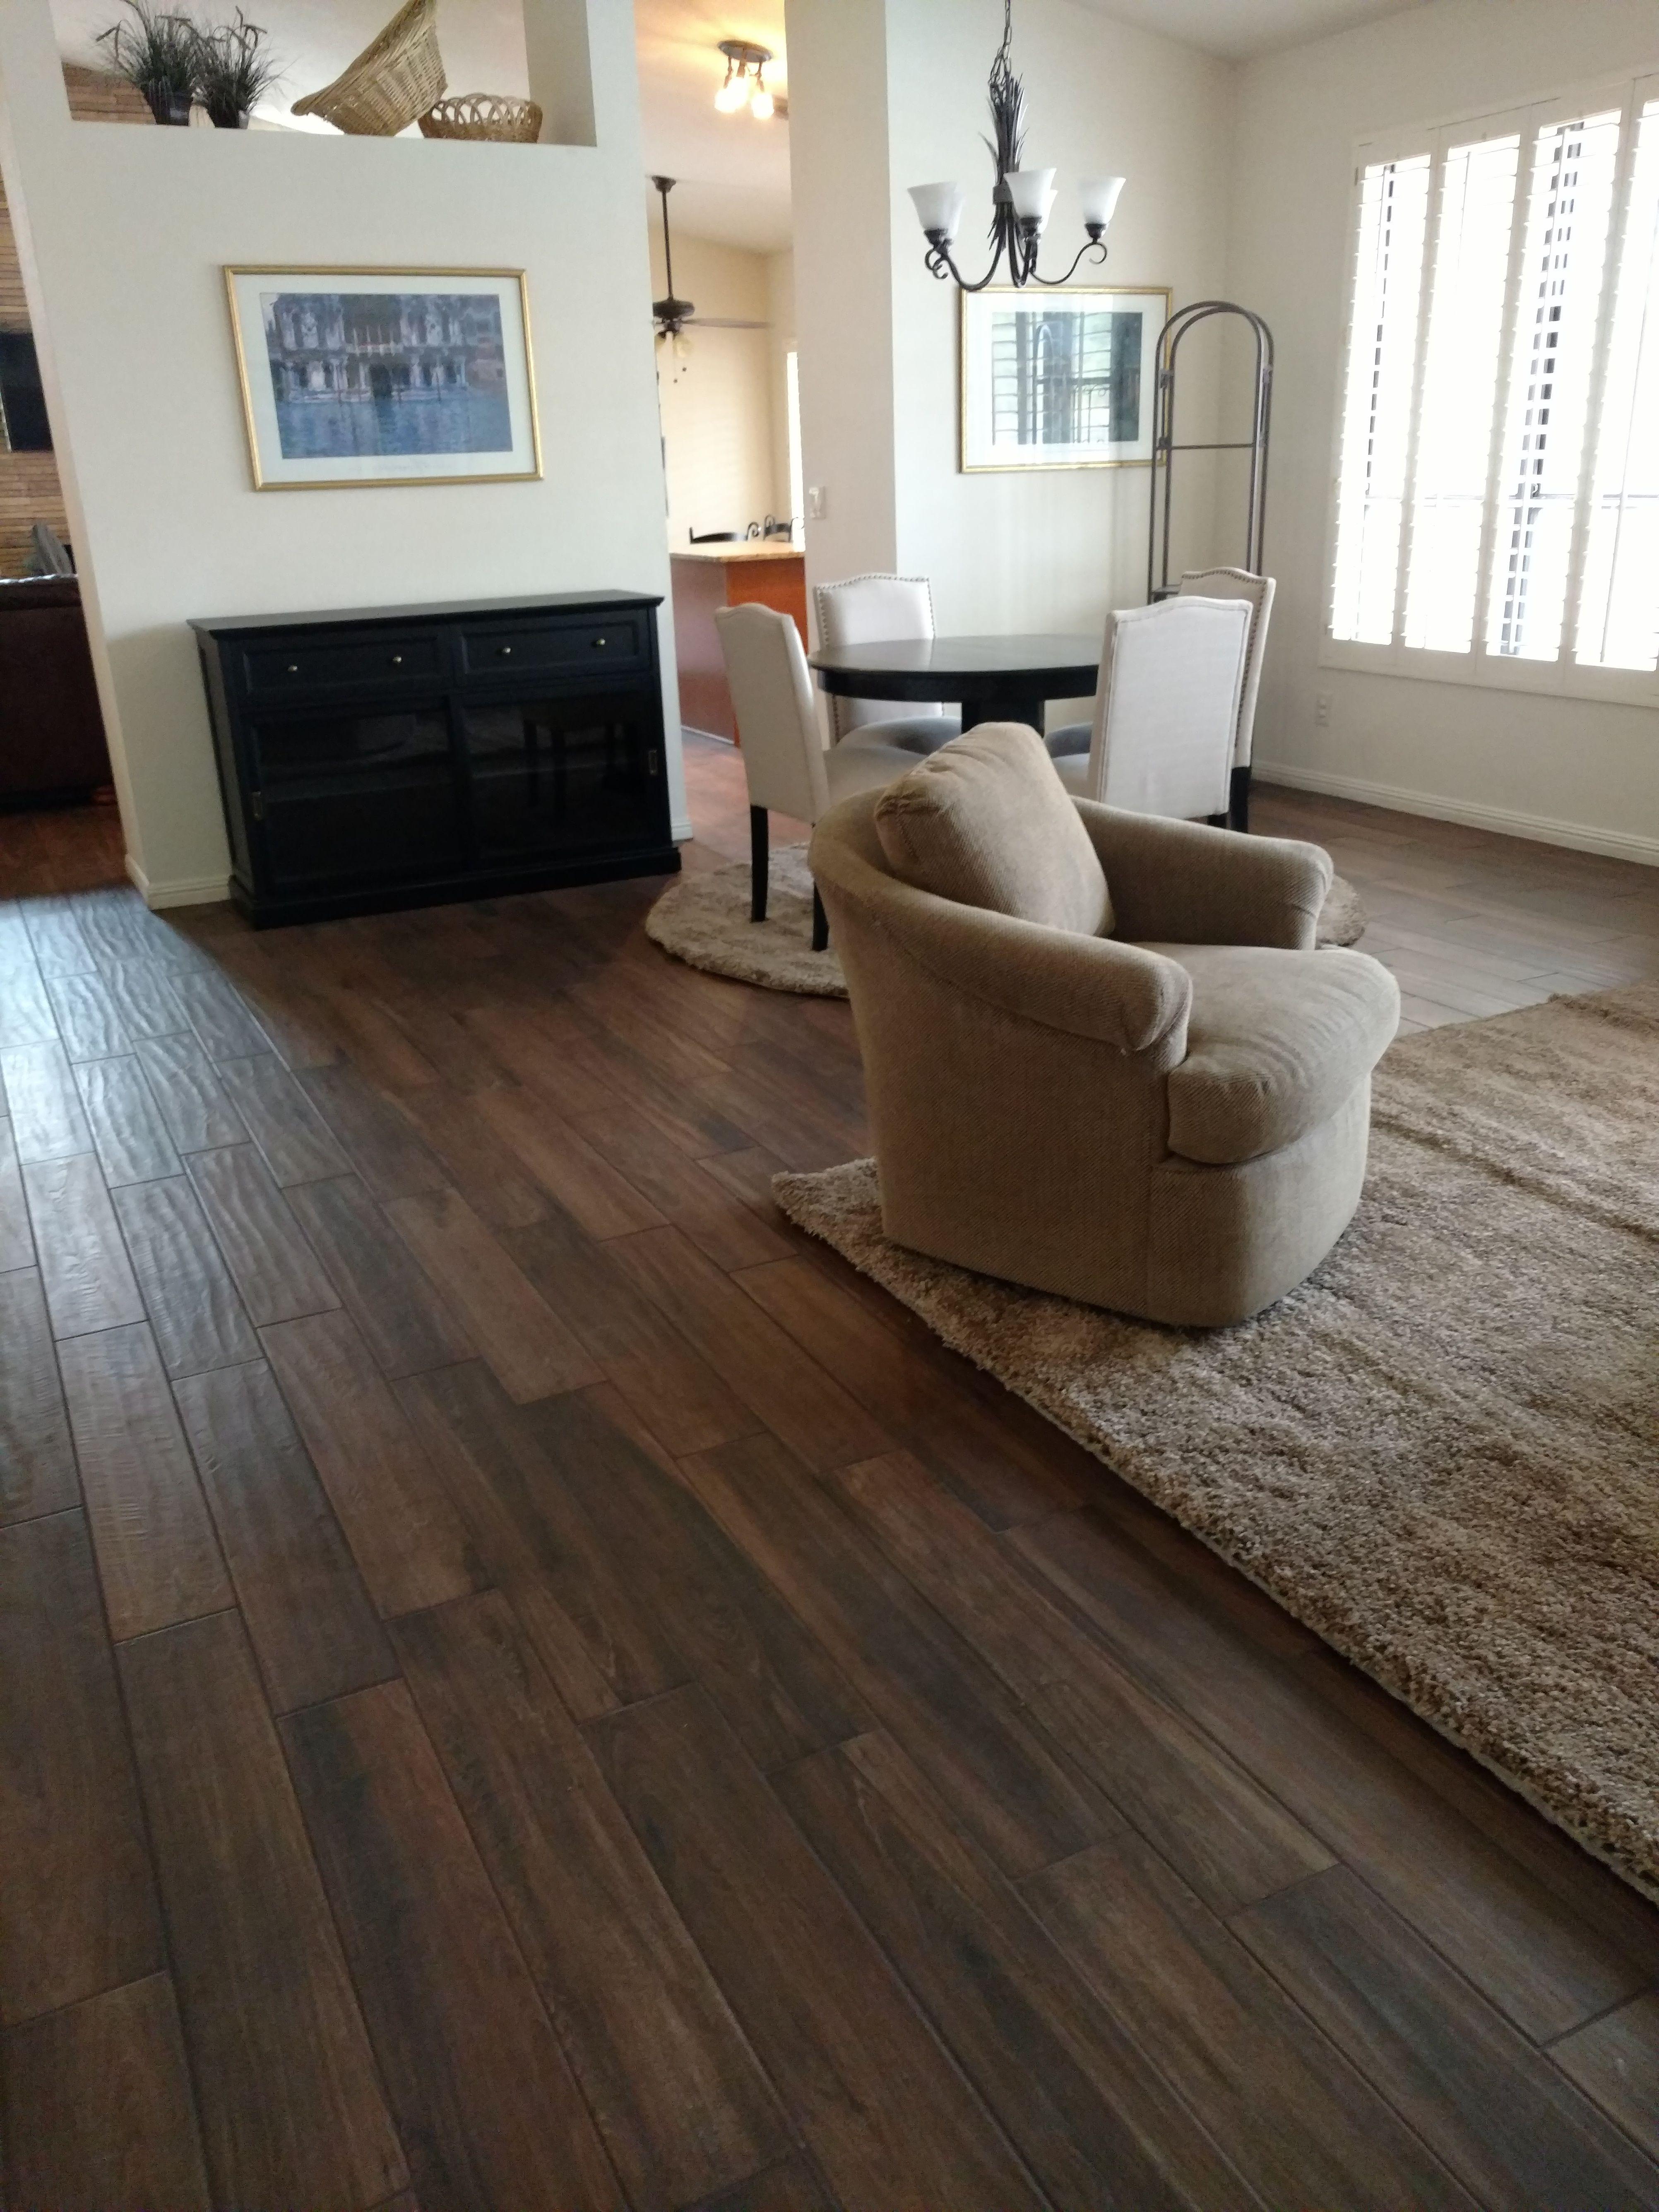 Daltile Saddlebrook Walnut Creek Wood Tile Floors Look Floor